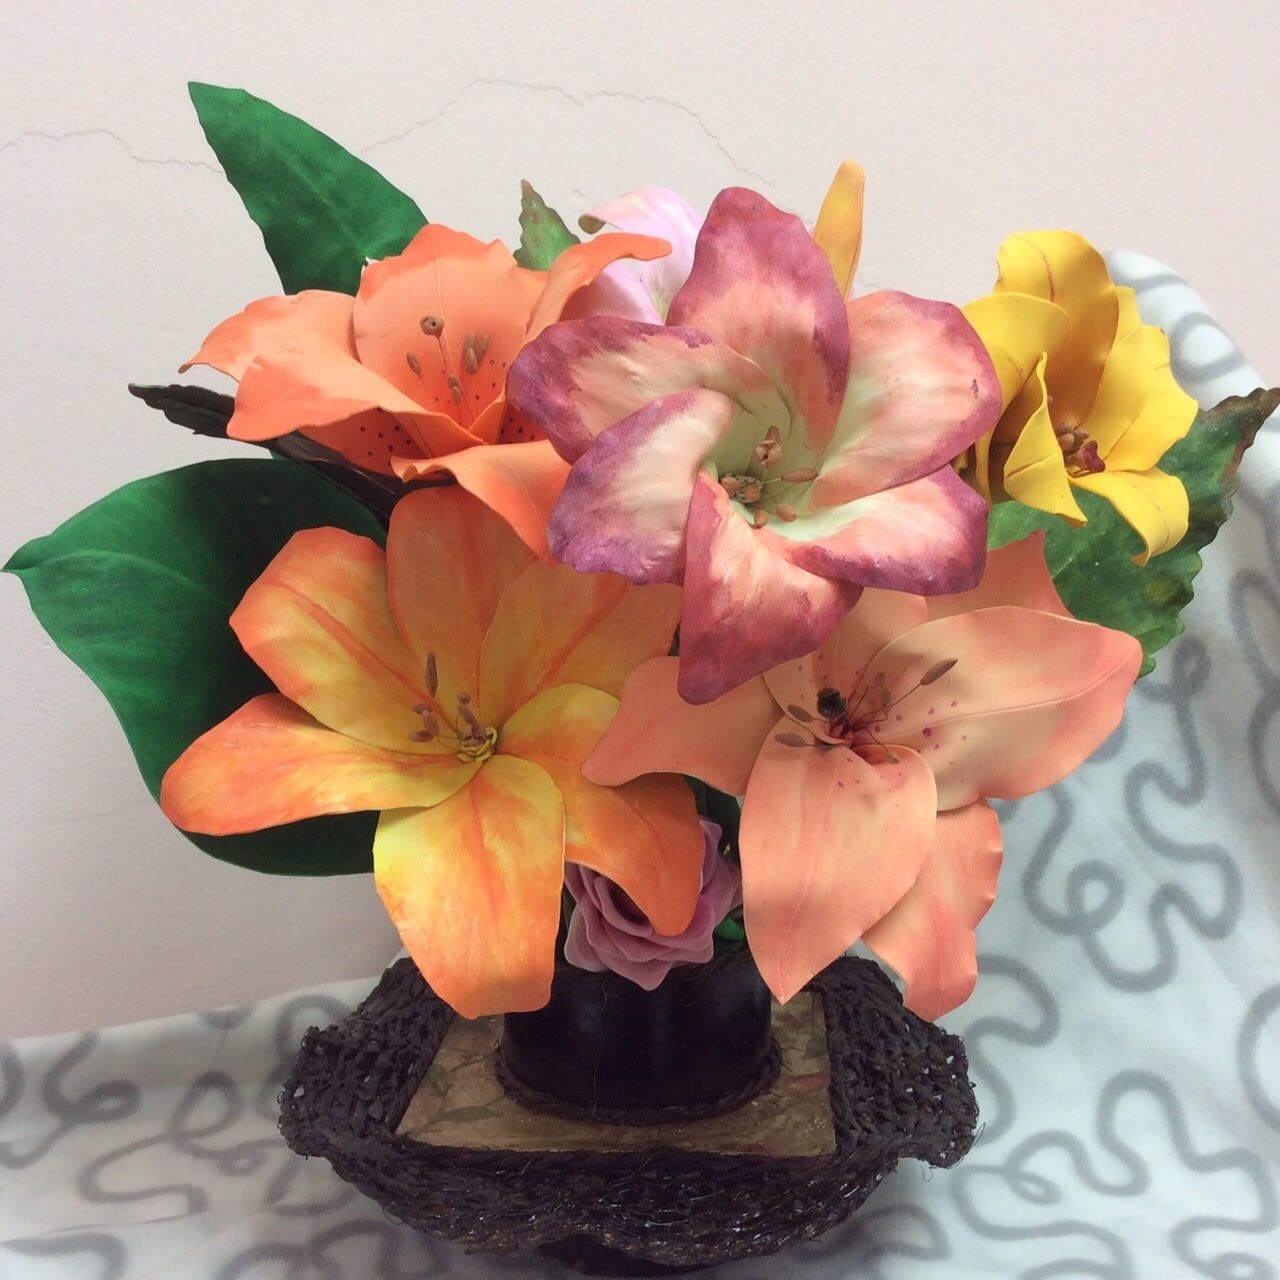 Como hacer flores azucenas con goma eva o fomi how to - Flore de goma eva ...